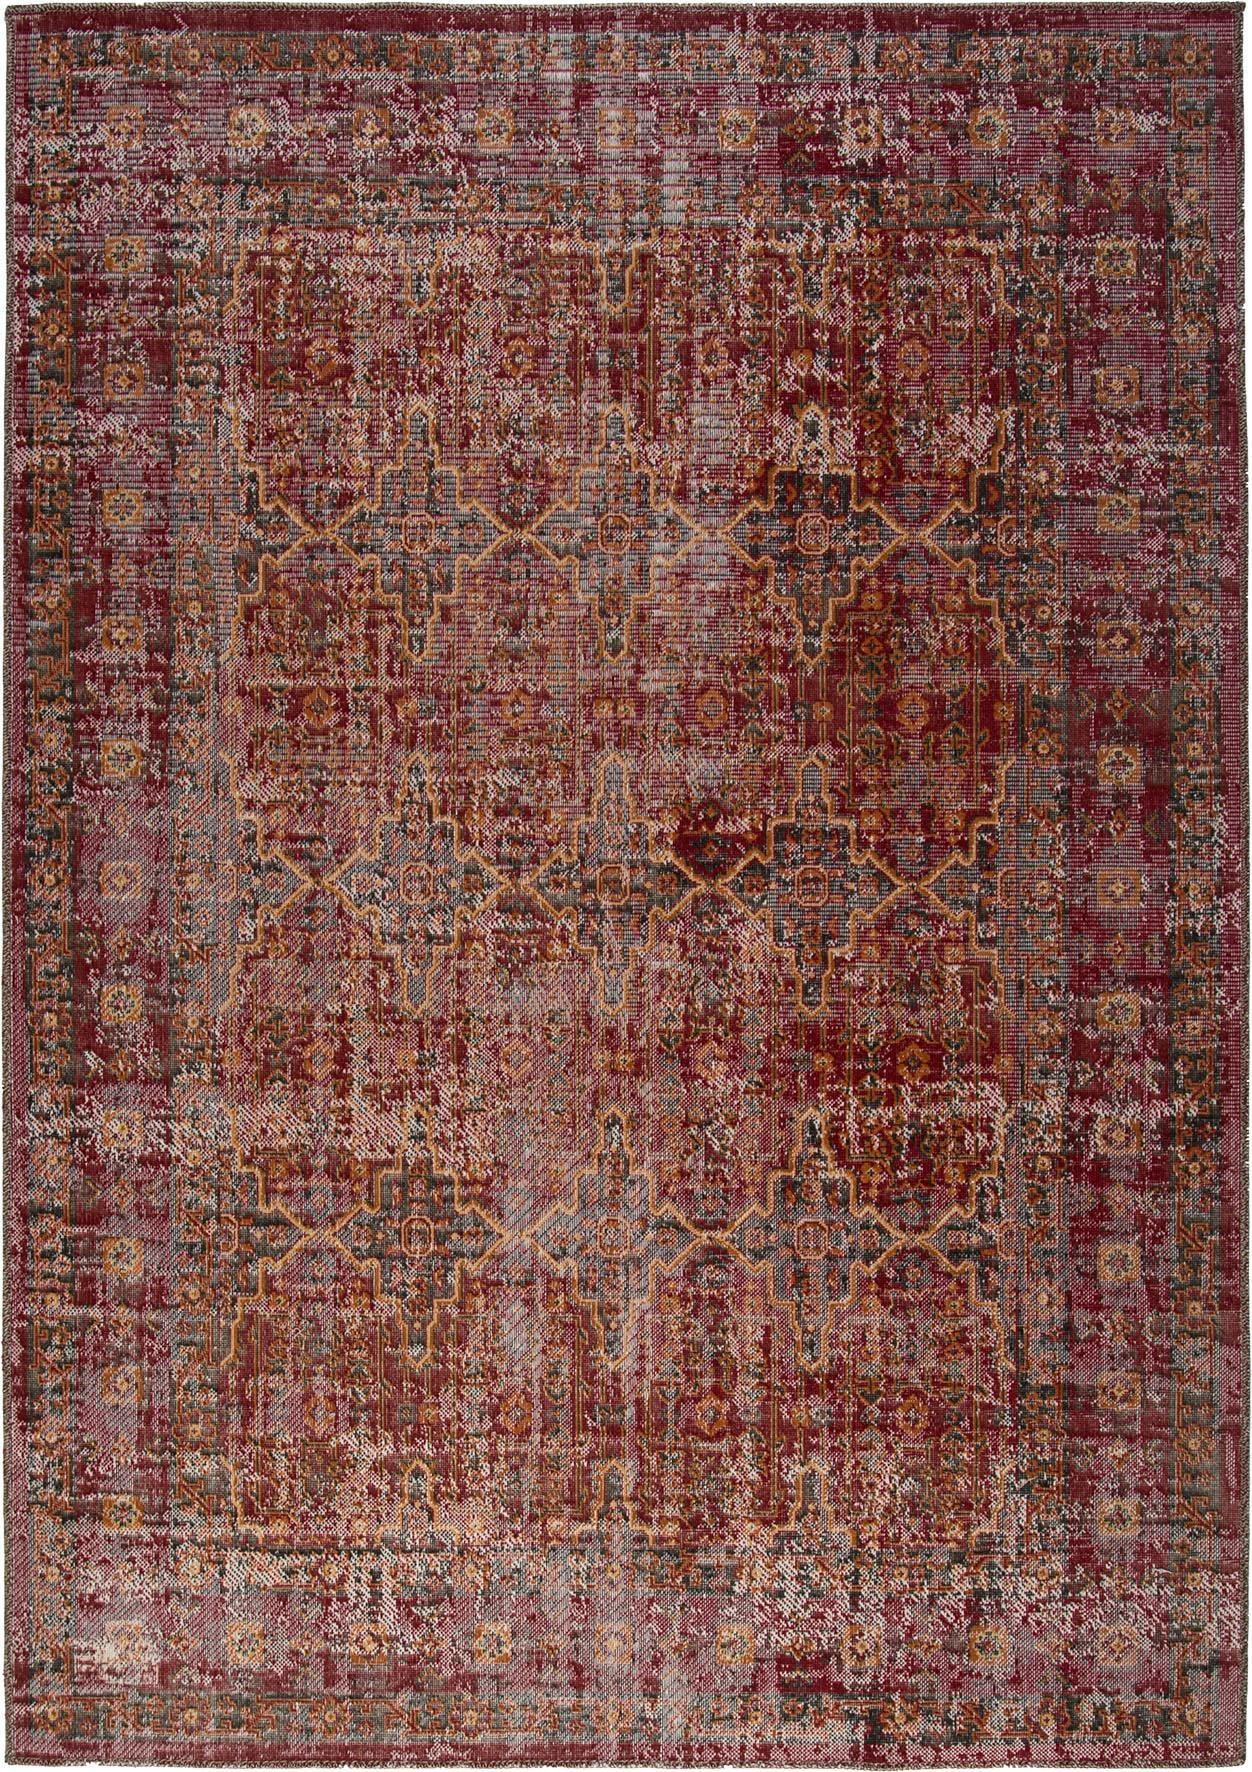 Teppich My Tilas 243 Obsession rechteckig Höhe 8 mm maschinell gewebt